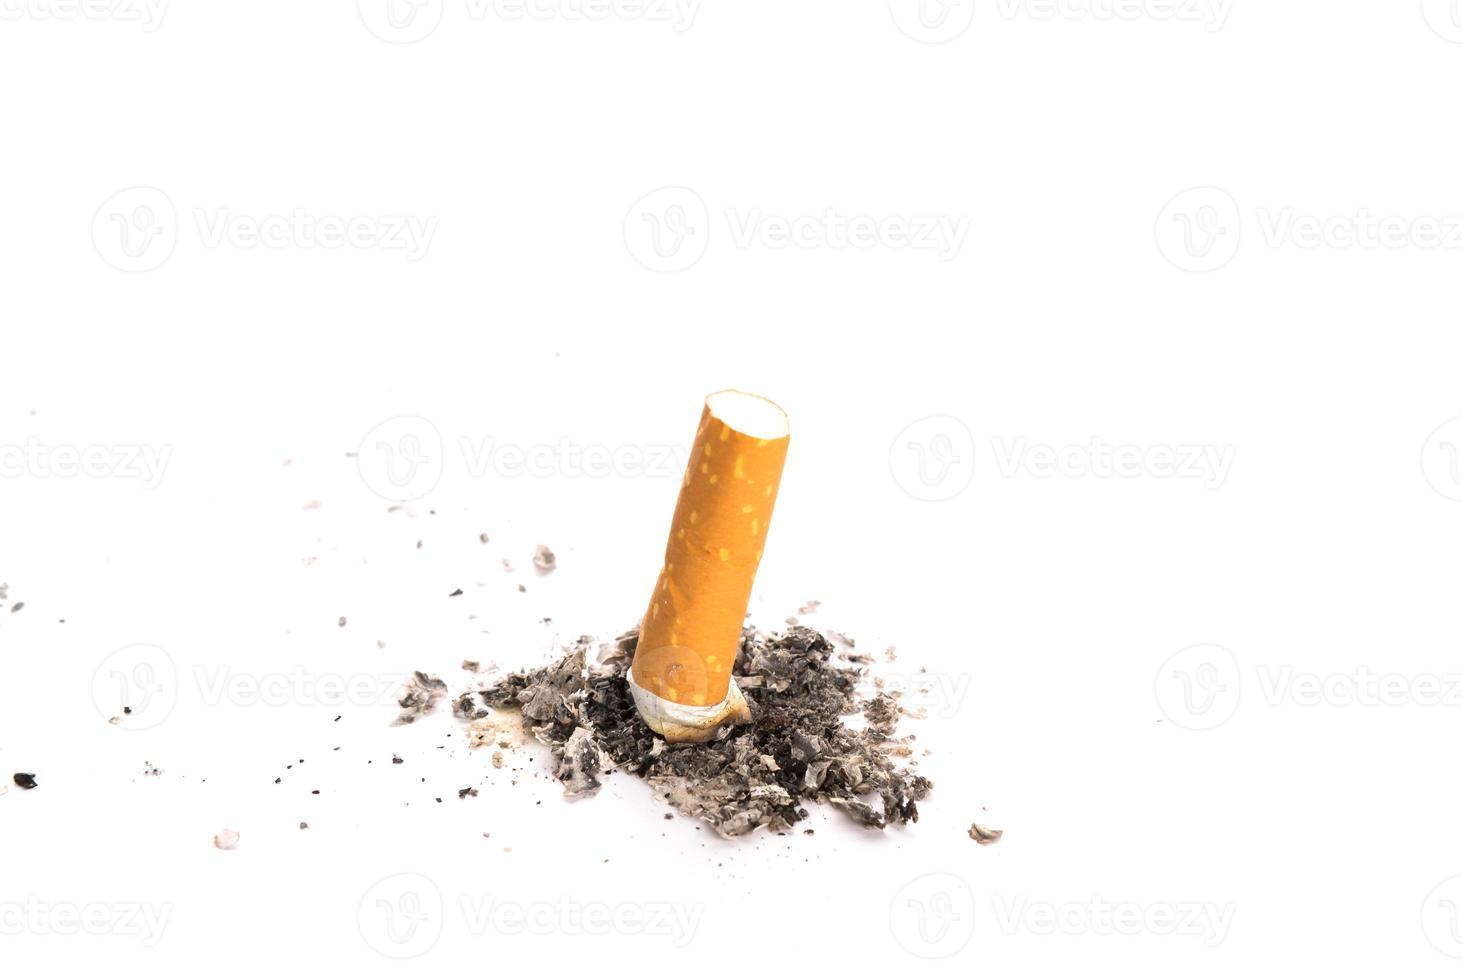 bituca de cigarro com cinzas, isolado no fundo branco foto